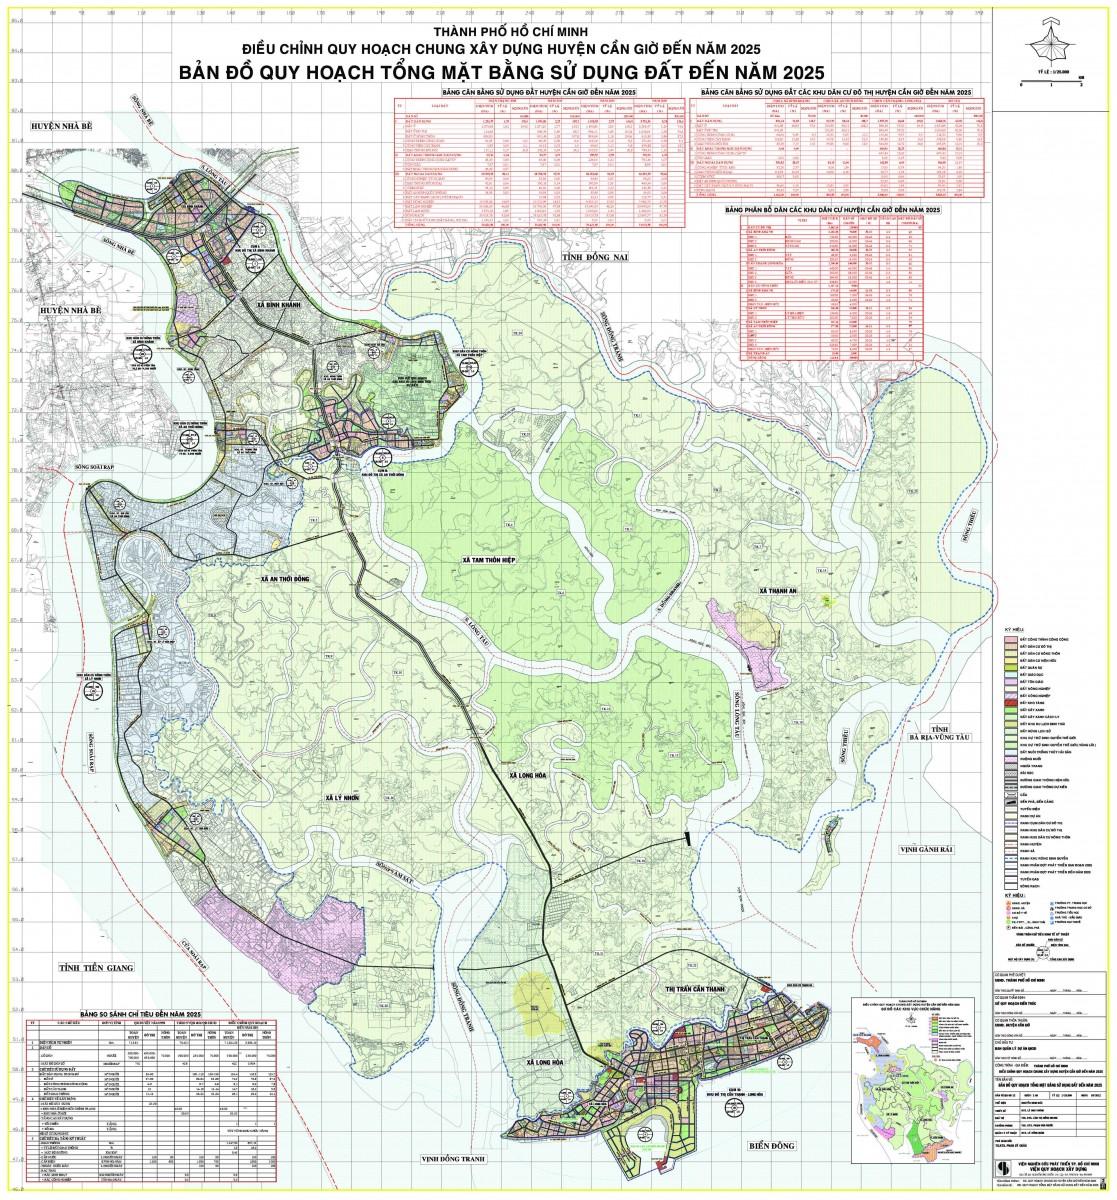 Bản đồ Huyện Cần GiờTPHCM